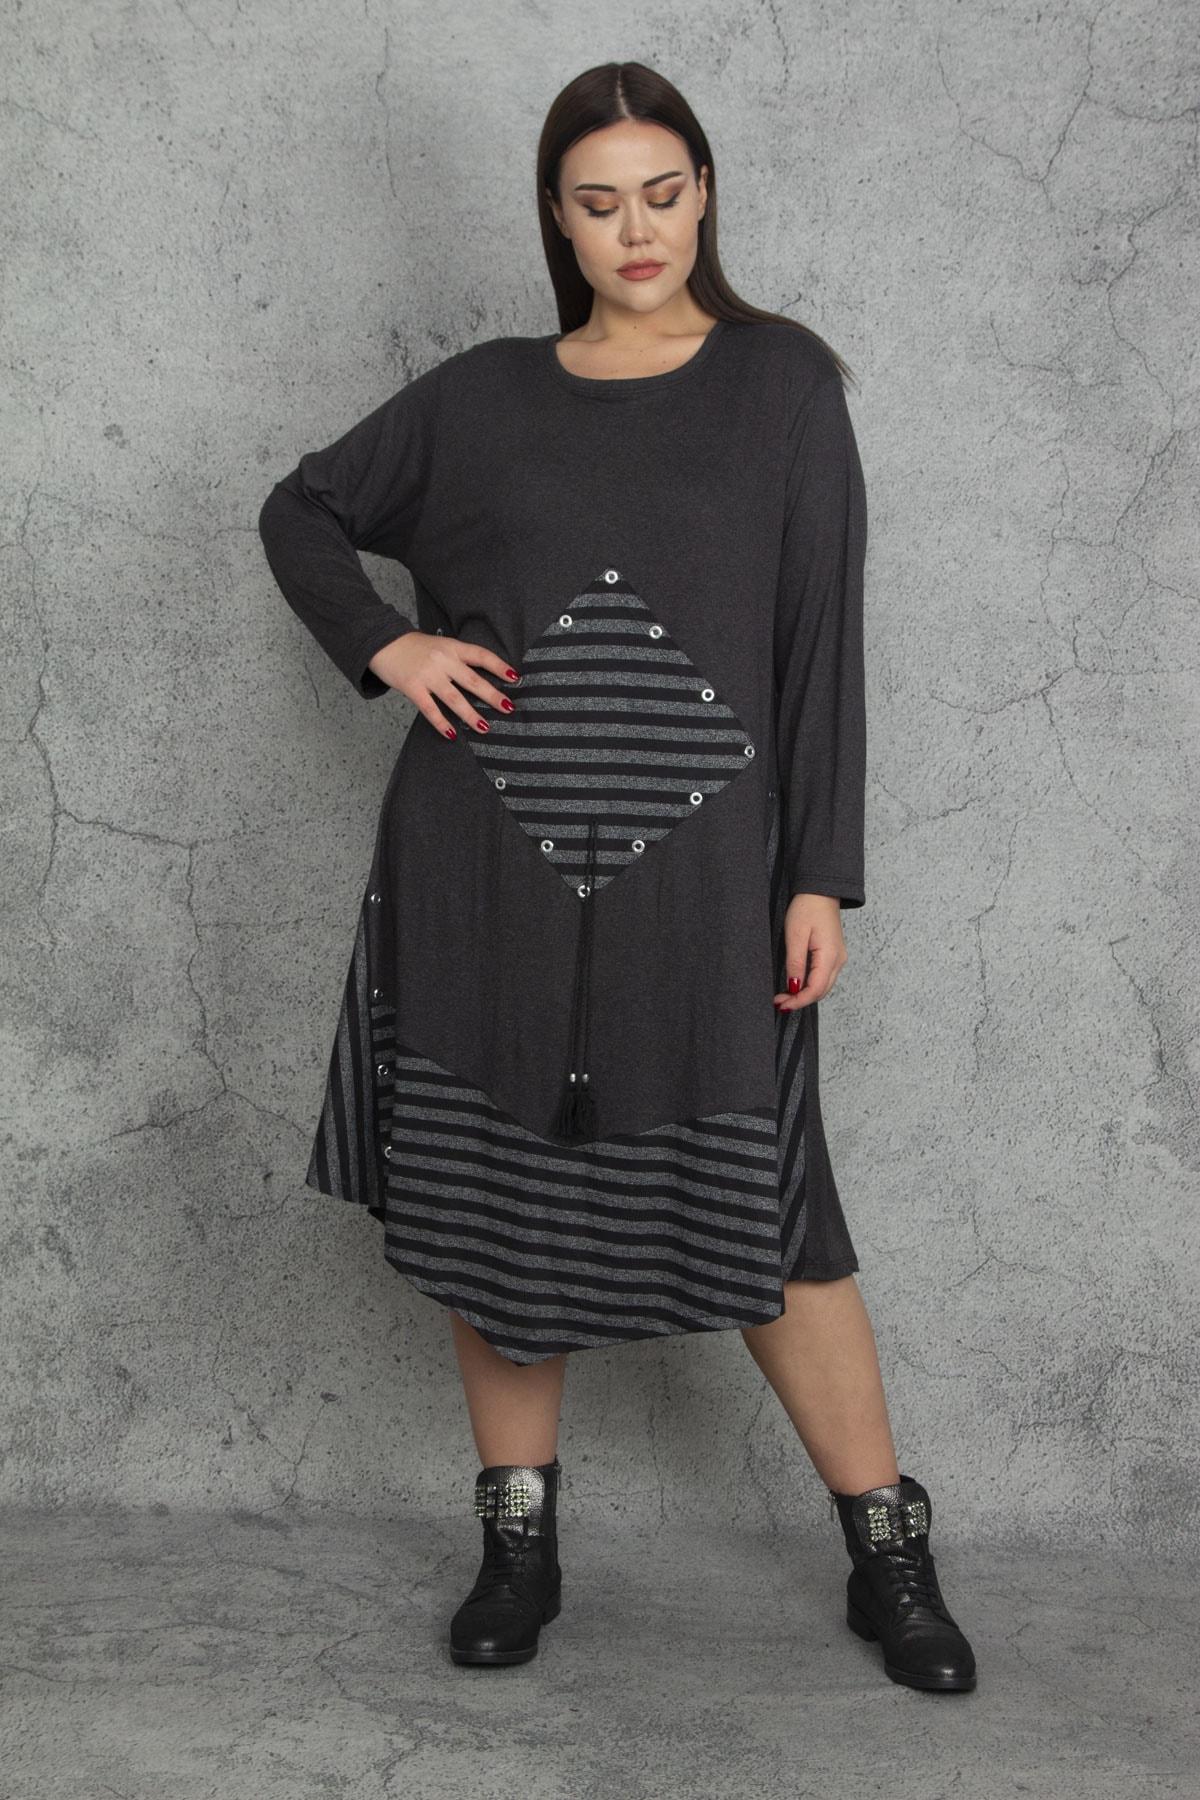 Şans Kadın Antrasit Taş Ve Çizgi Detaylı Elbise 65N20289 2